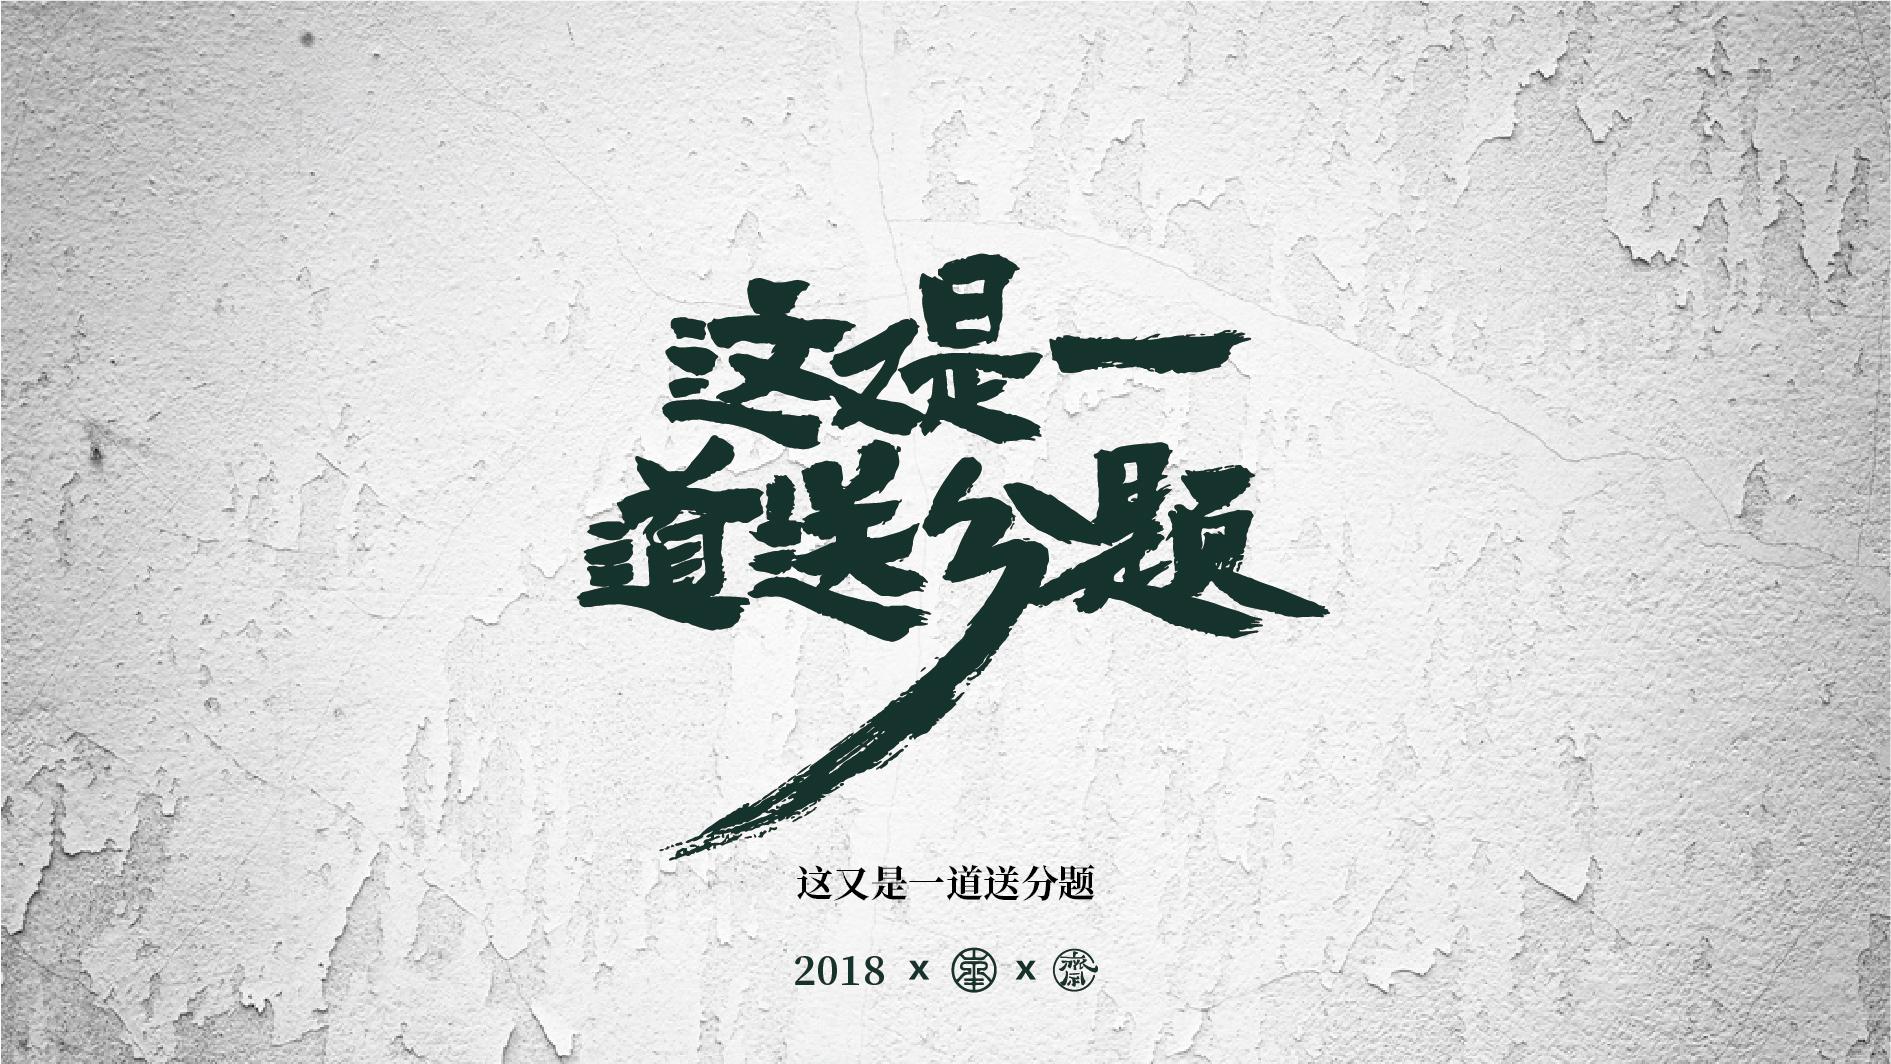 超超大神手写毛笔字第1波 之教师节系列插图(11)